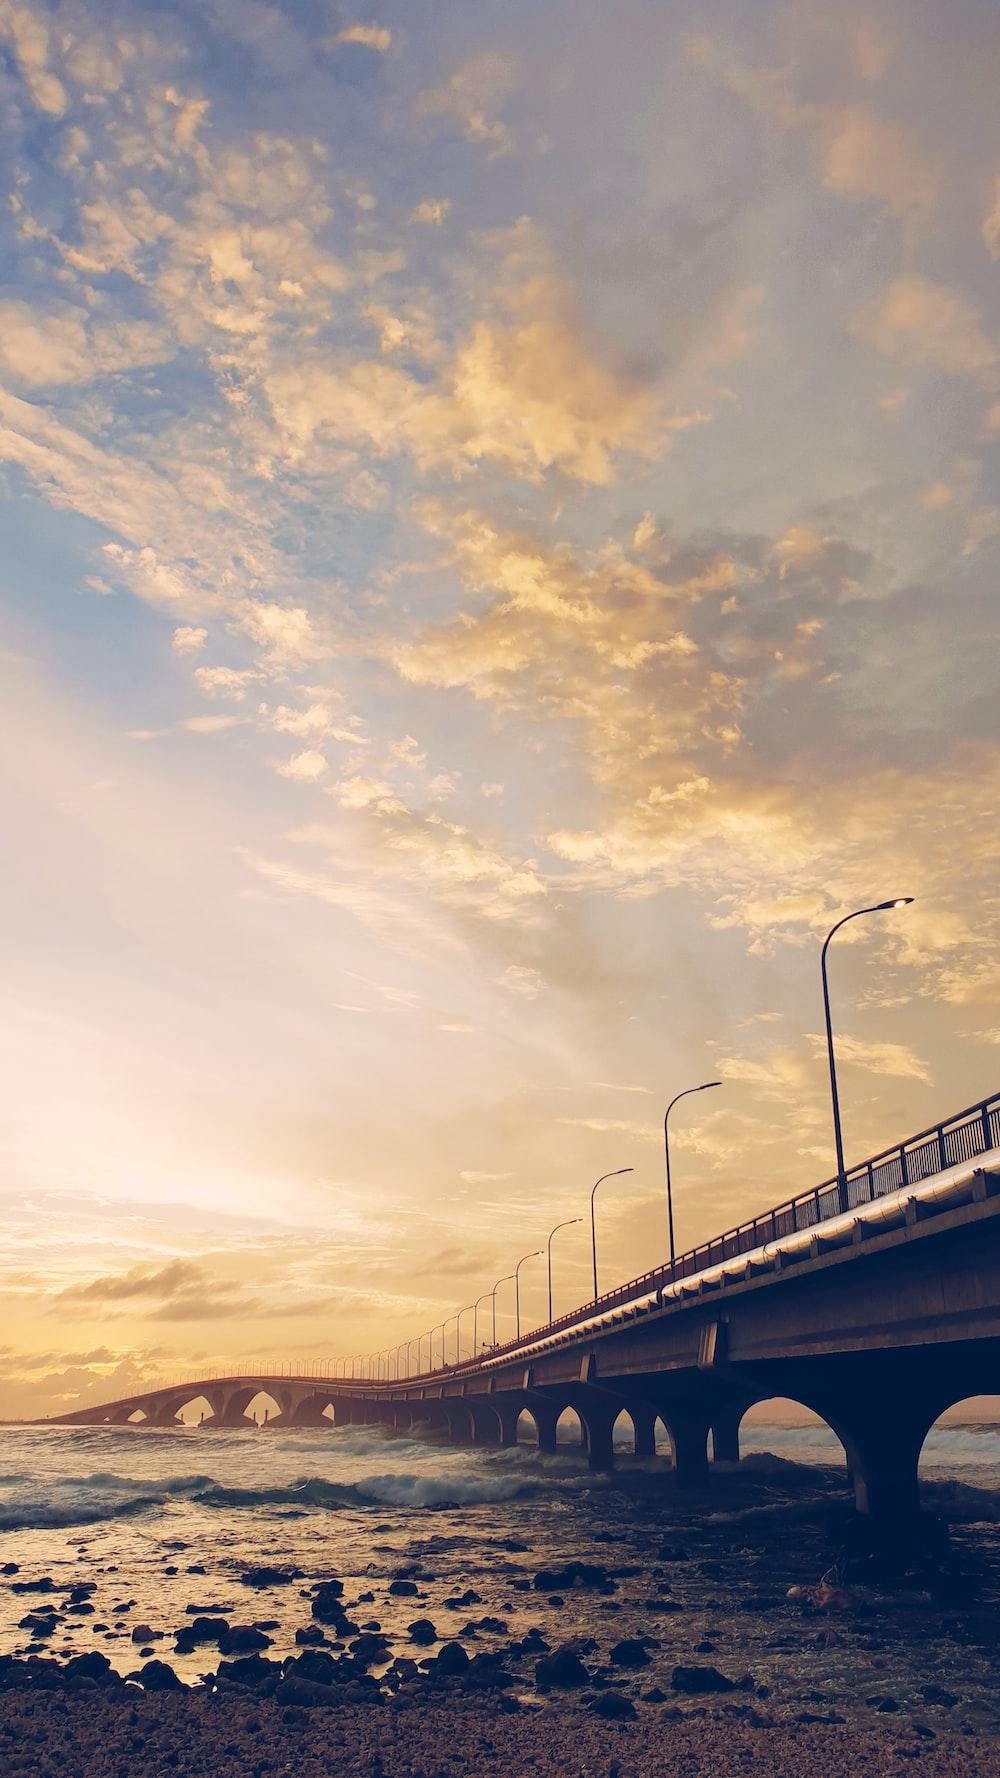 golden hour photography of bridge